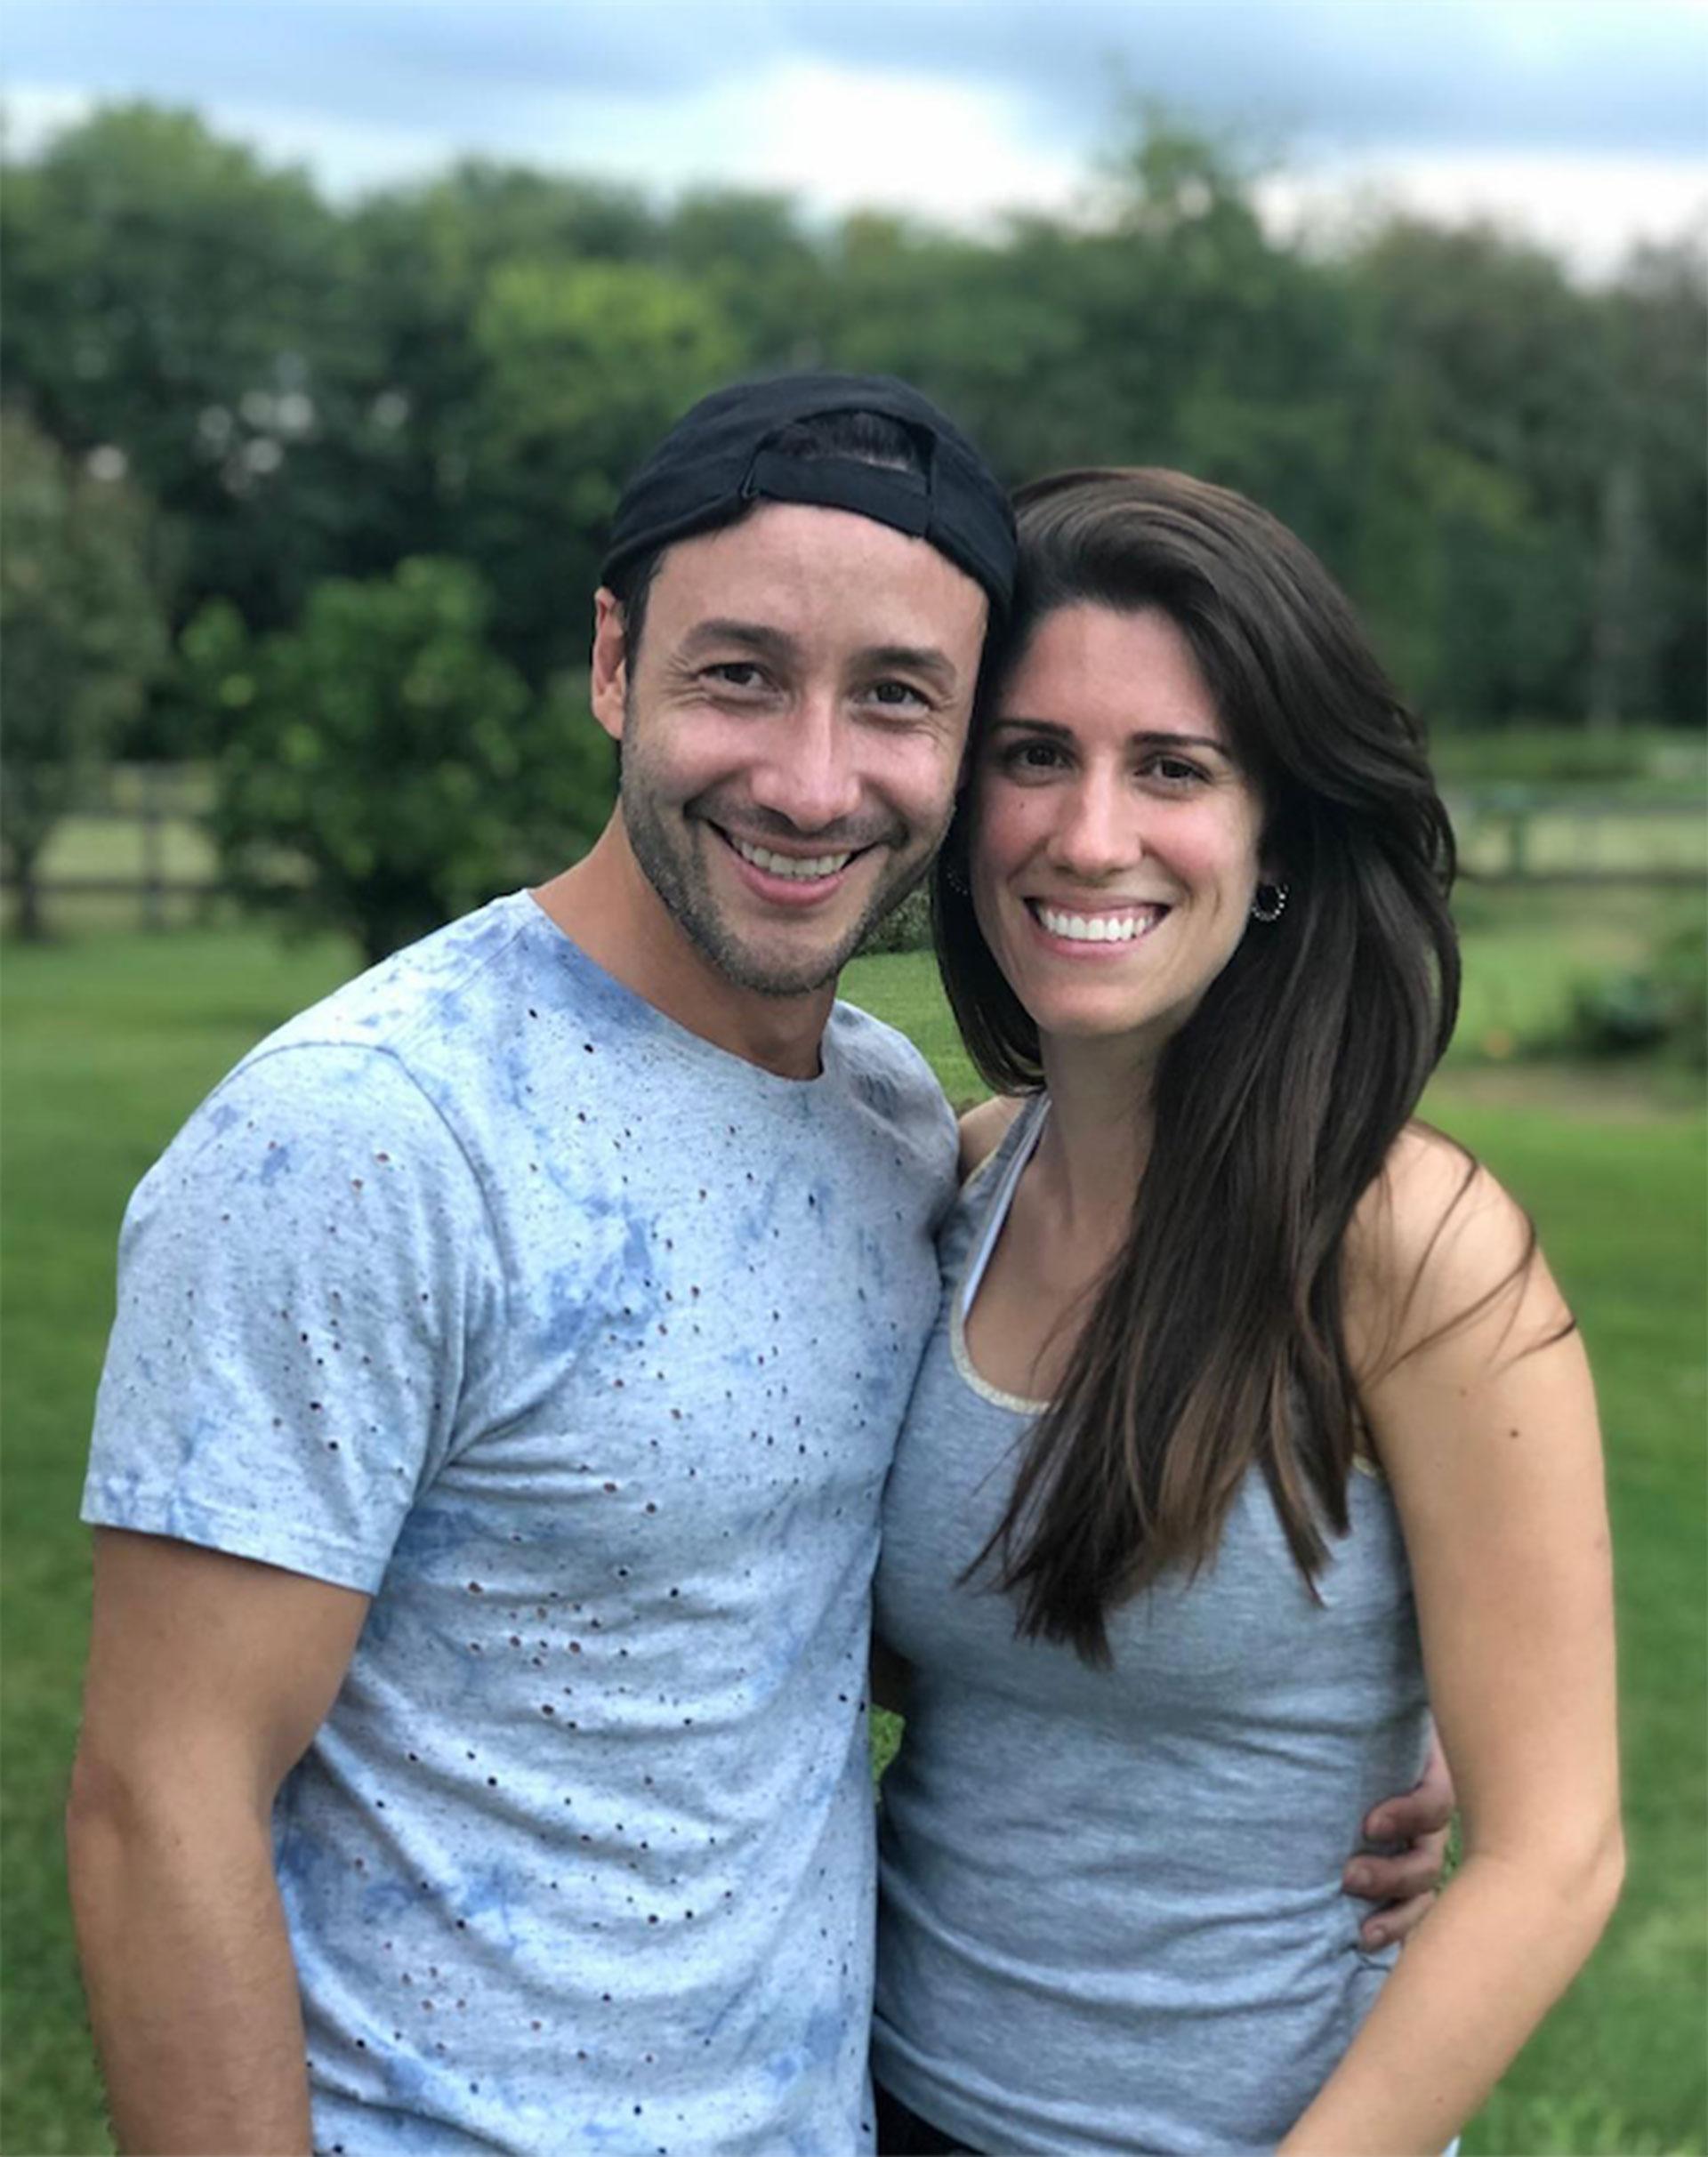 Luciano Pereyra presentó a su nueva novia, Julia, a través de las redes sociales (Foto: Instagram)